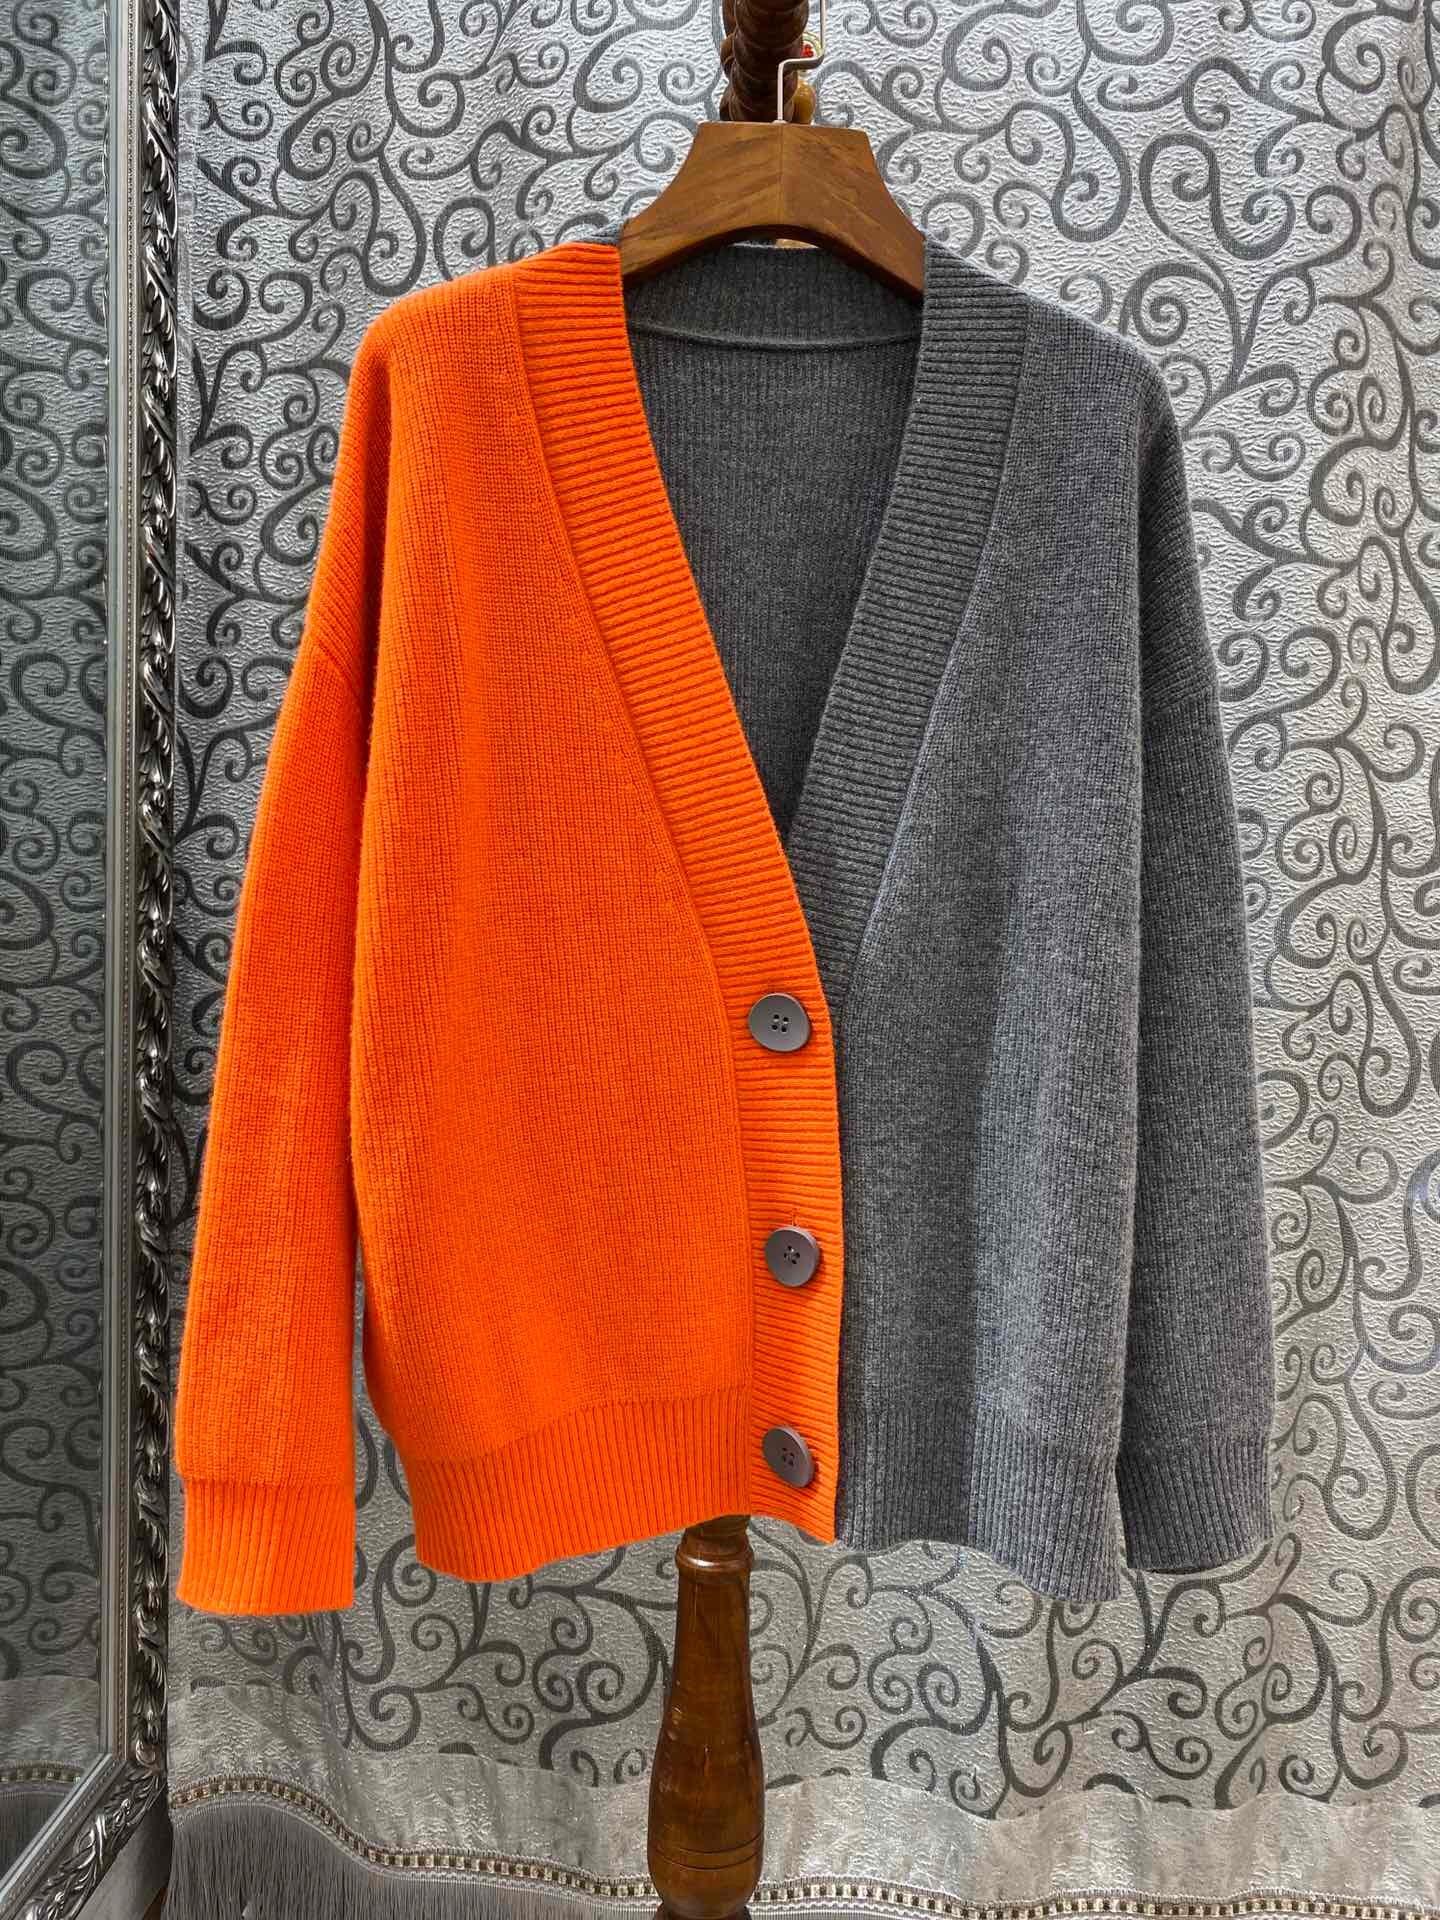 أفكار لتنسيق اللون الرمادي في الملابس - بوليرو رمادي وبرتقالي